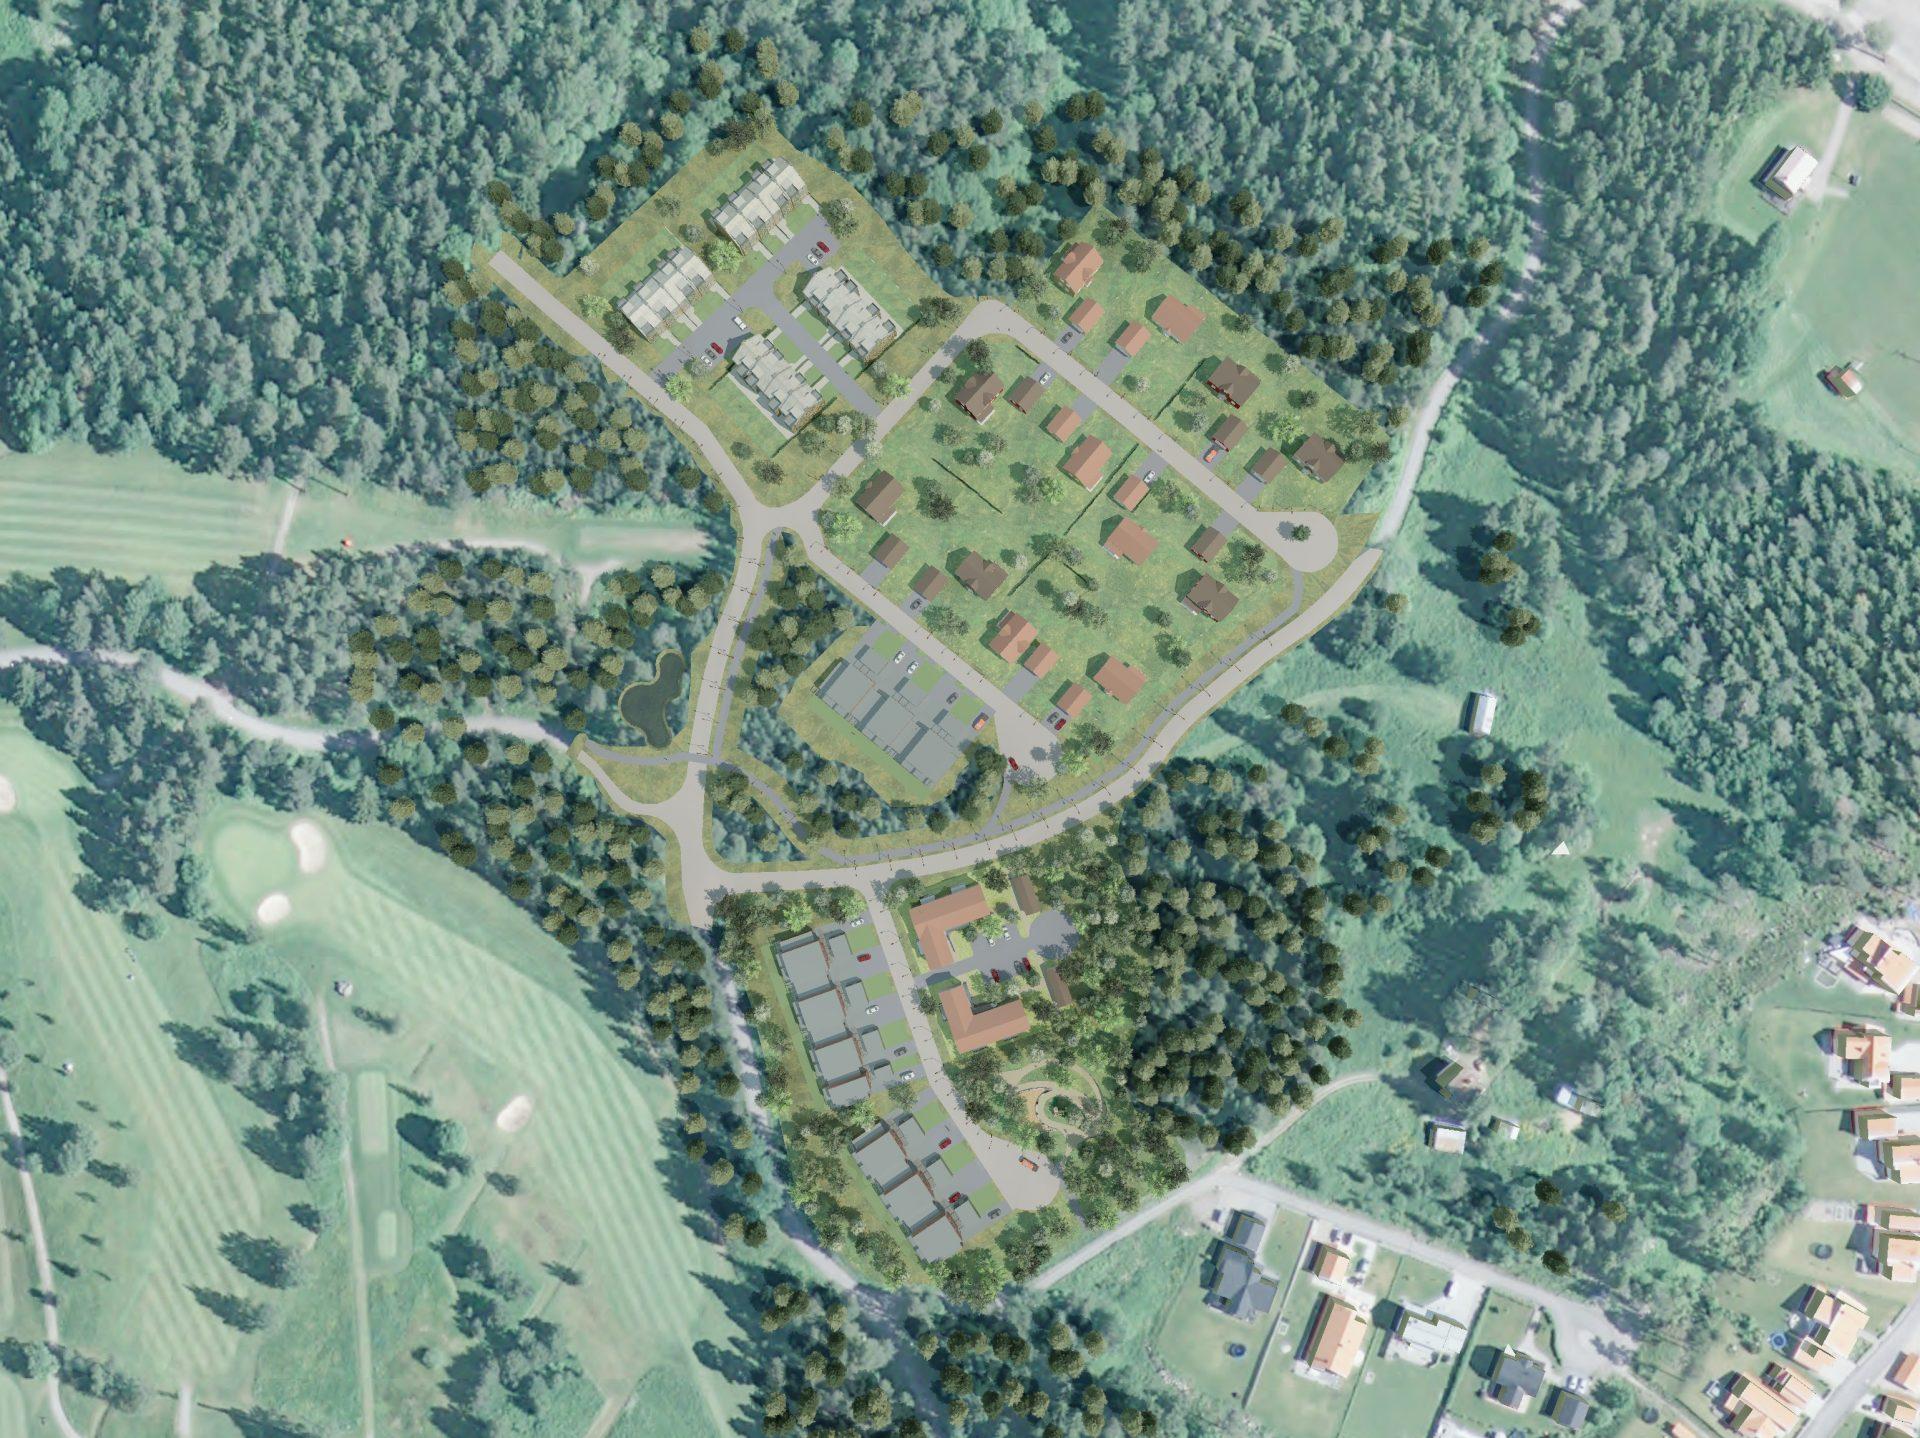 Översiktsbild över det kommande bostadsområdet Lindbacka västra.